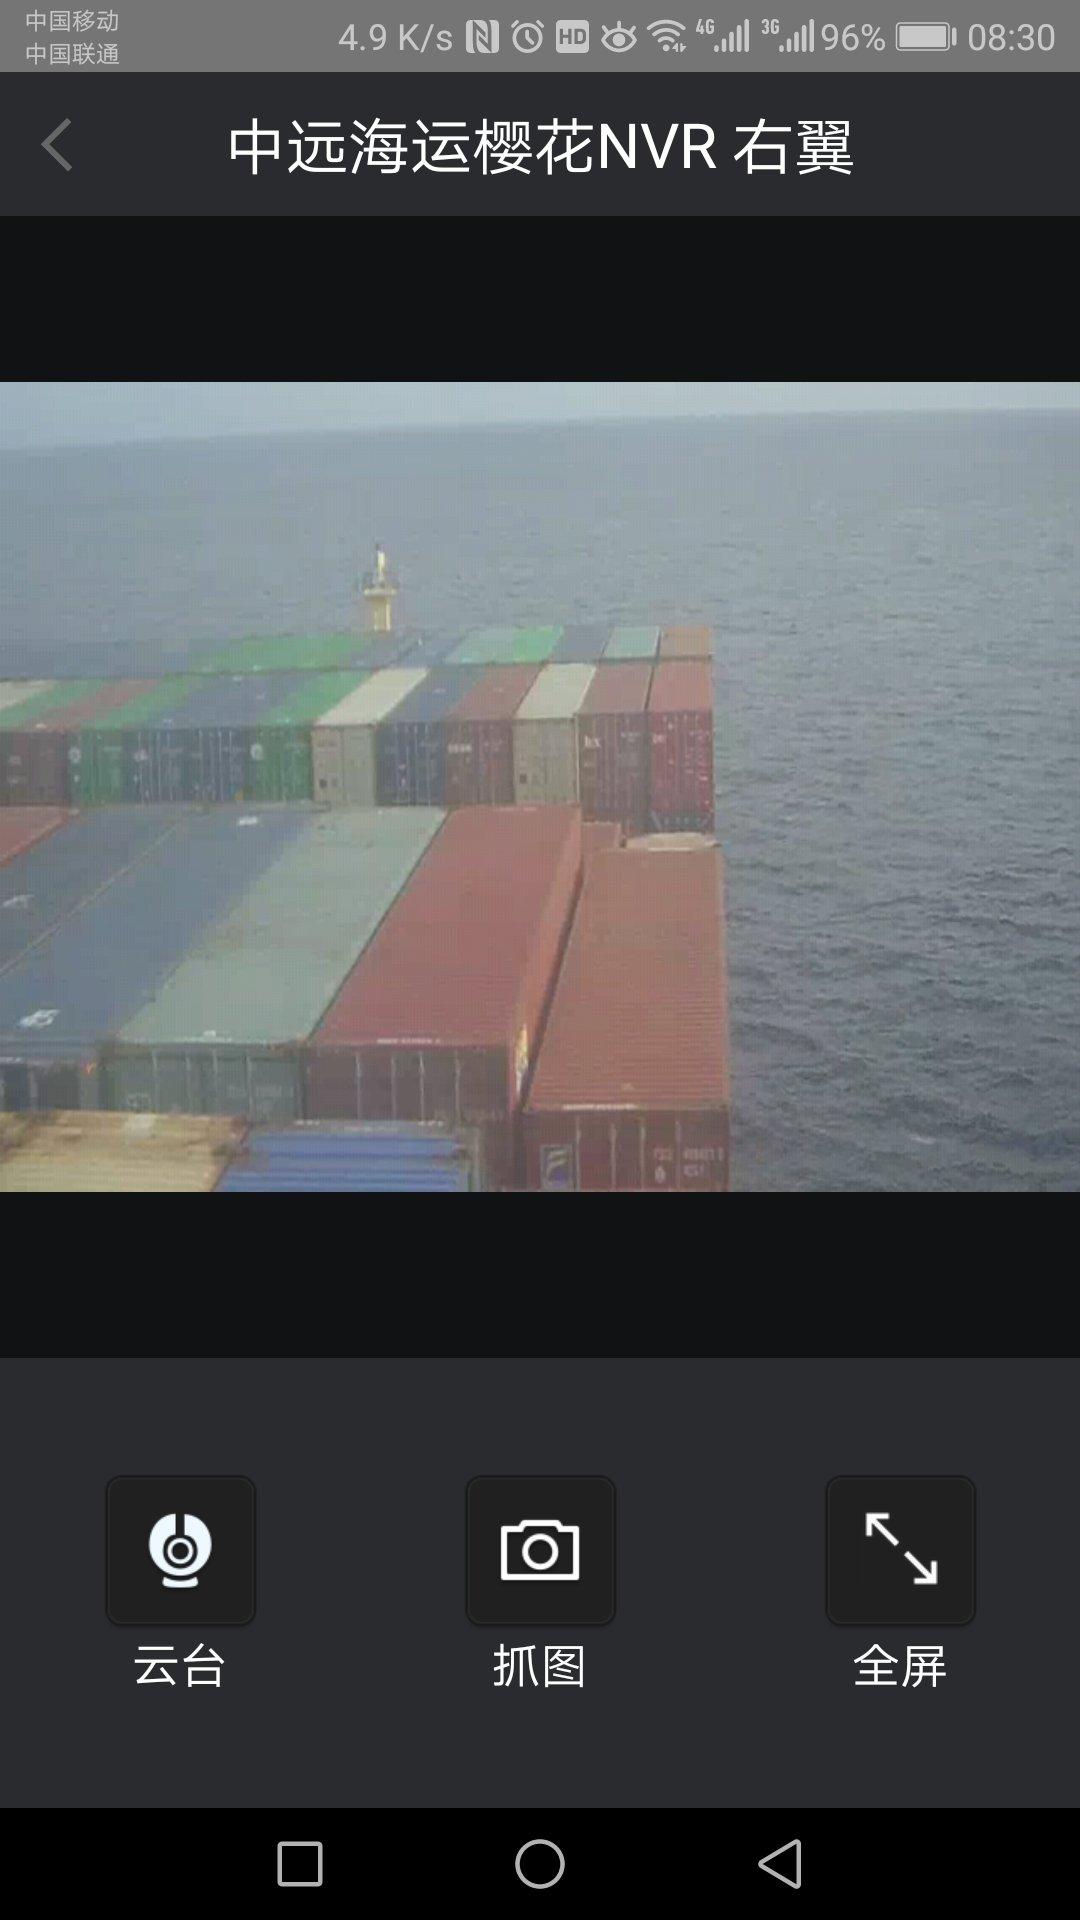 中远海船舶监控图2